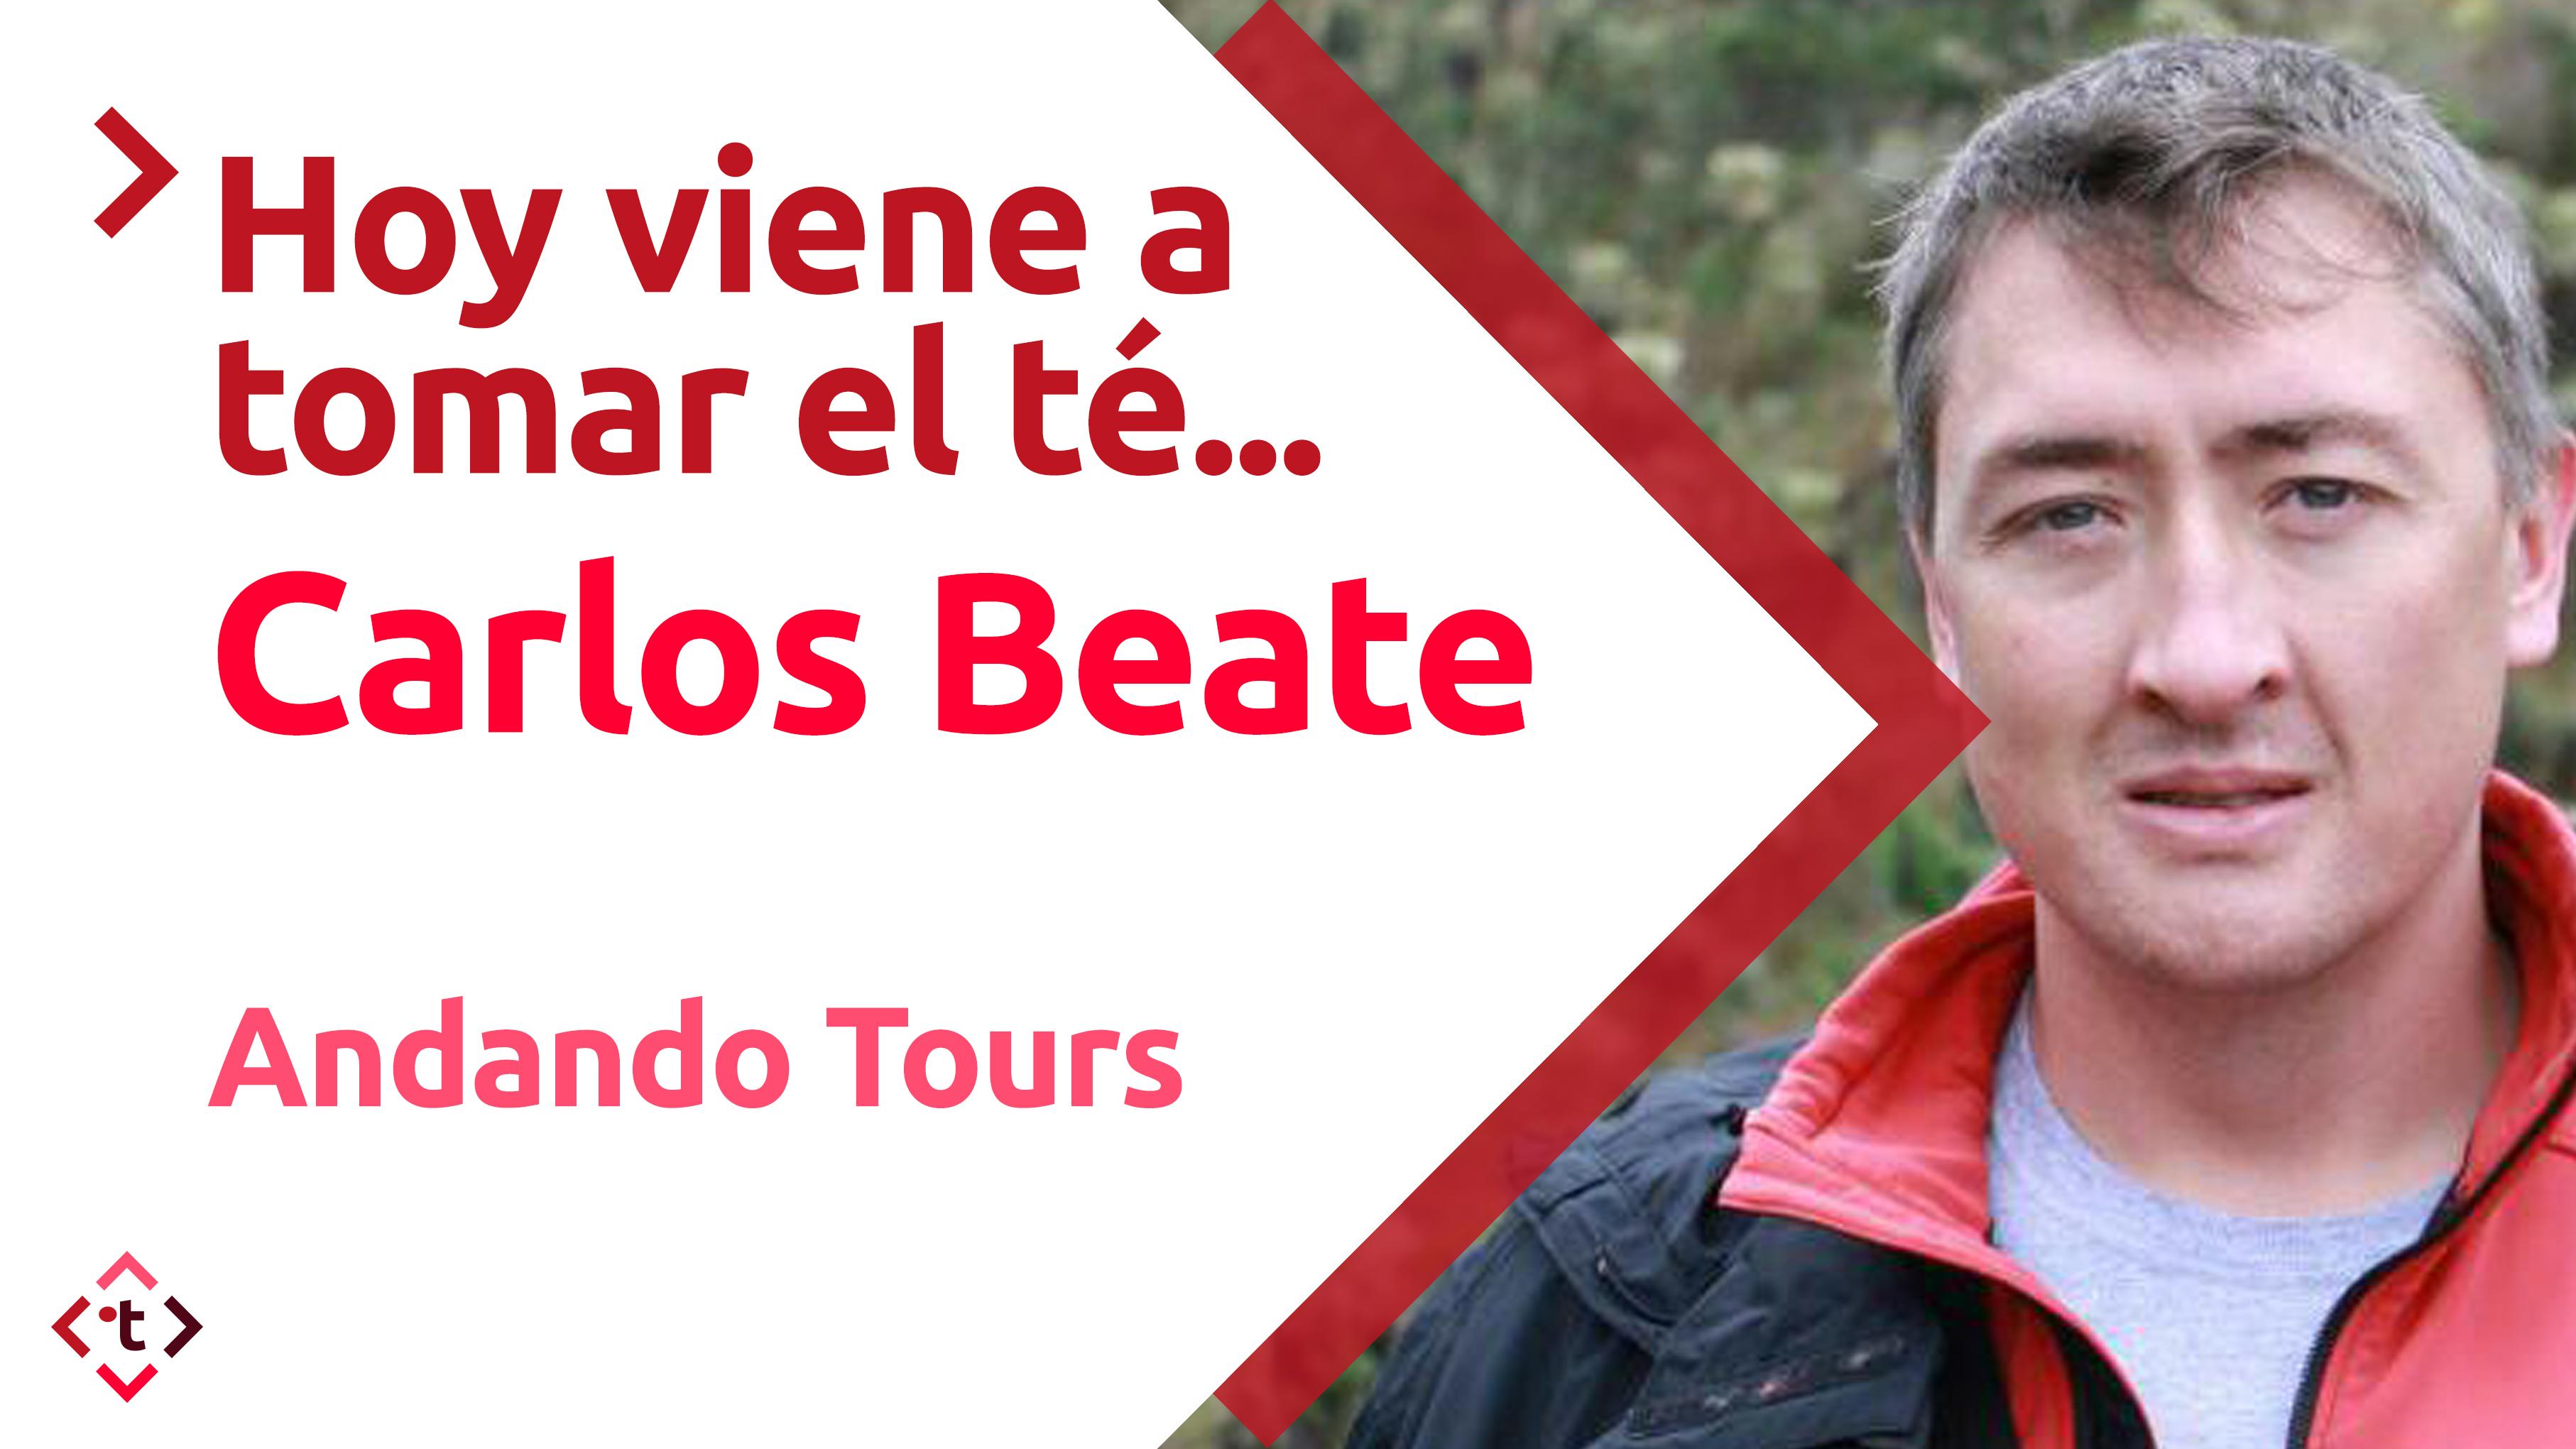 CARLOS BEATE